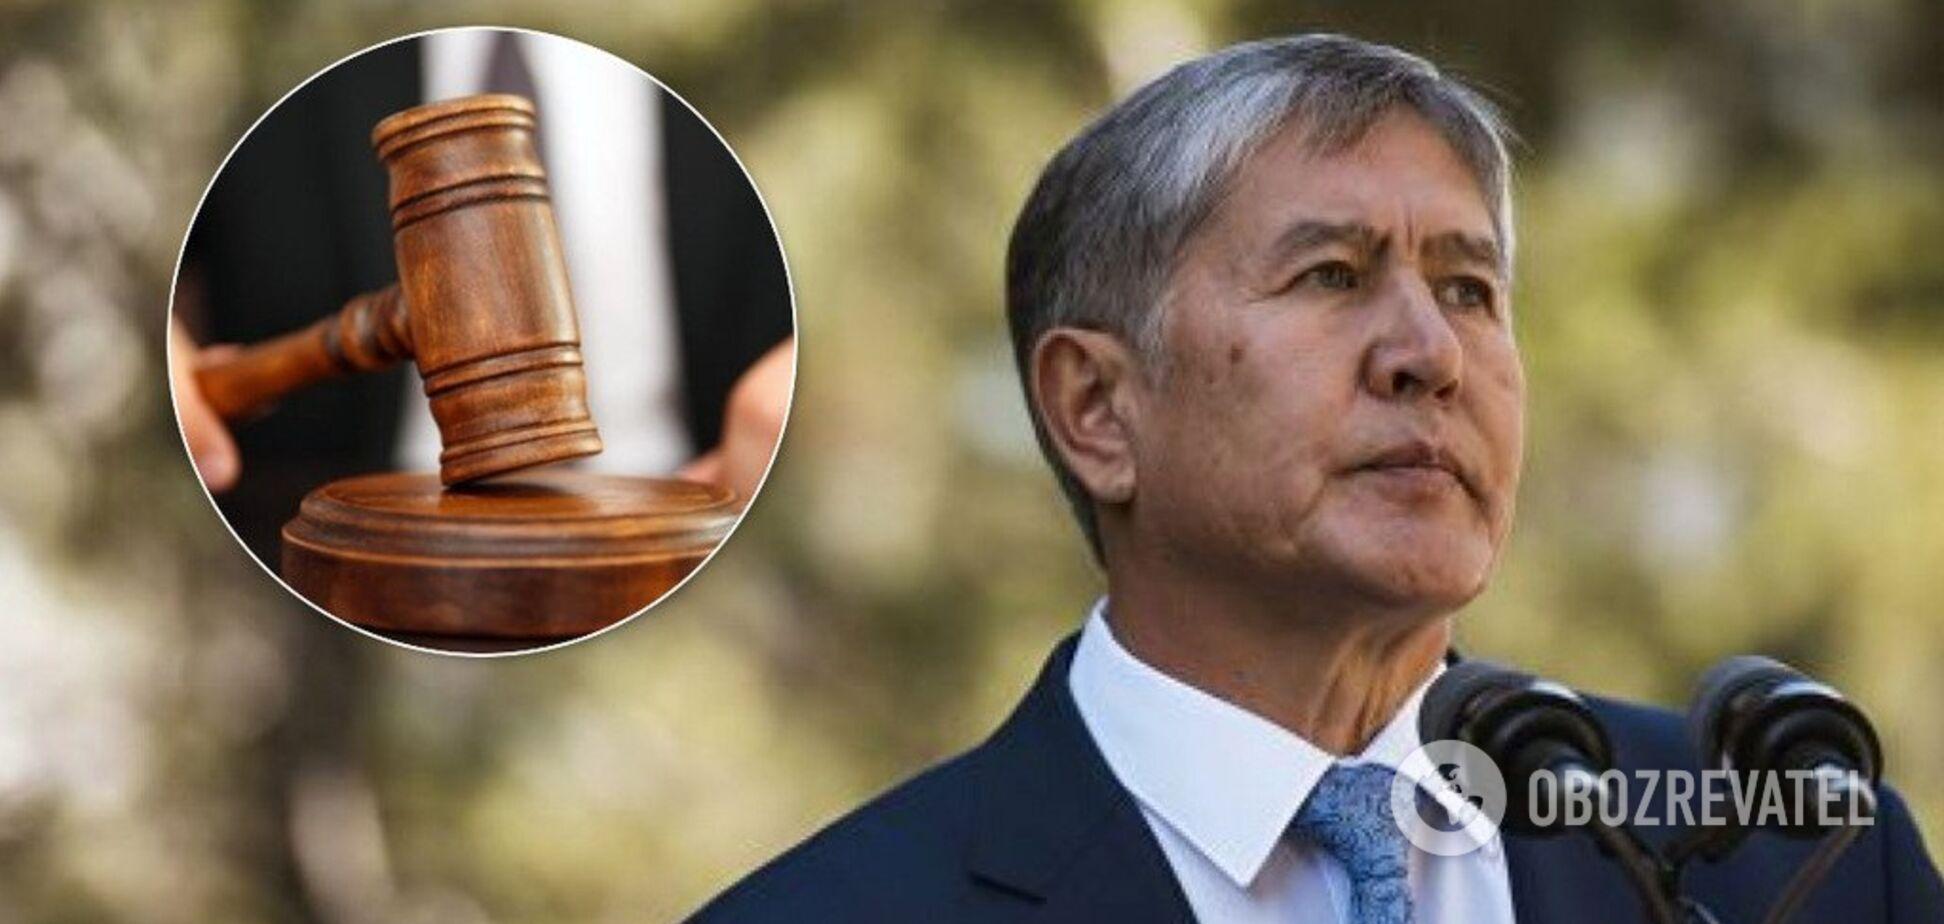 Экс-президент Кыргызстана Алмазбек Атамбаев